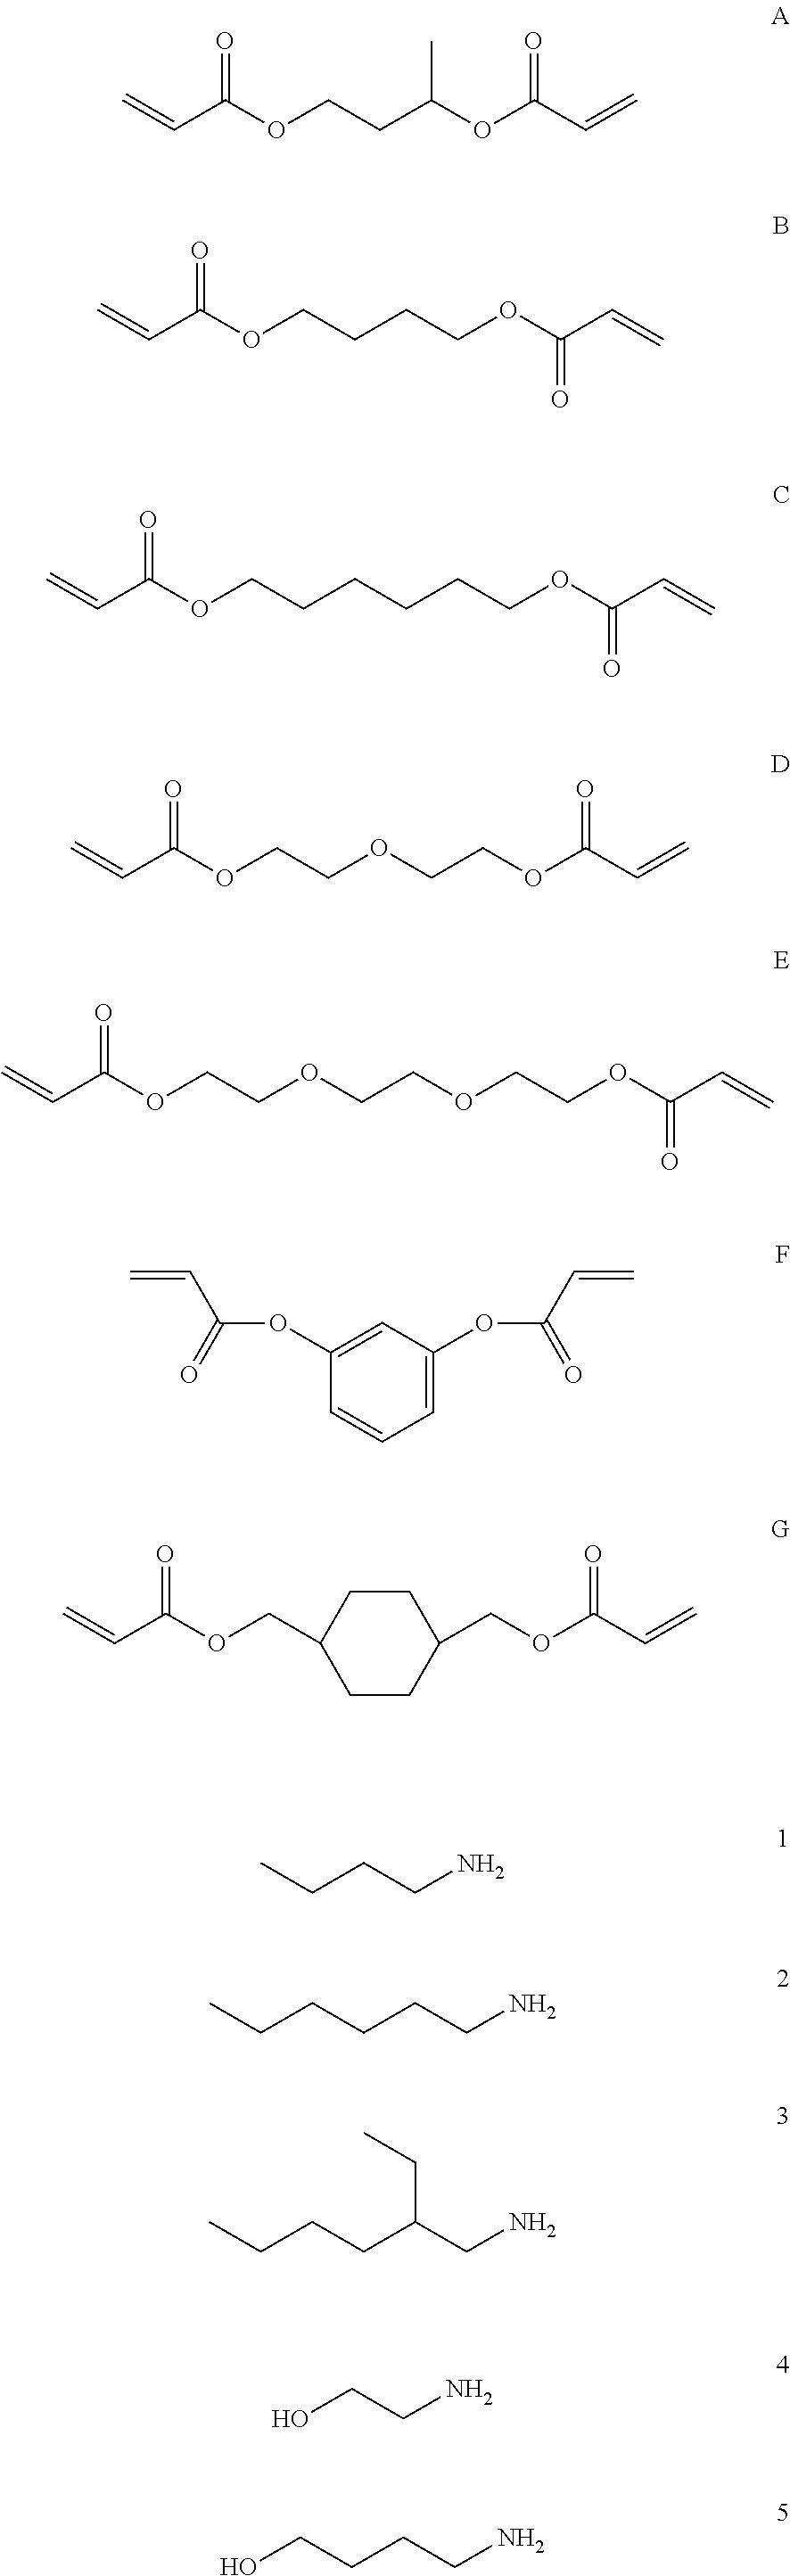 Figure US09700627-20170711-C00018